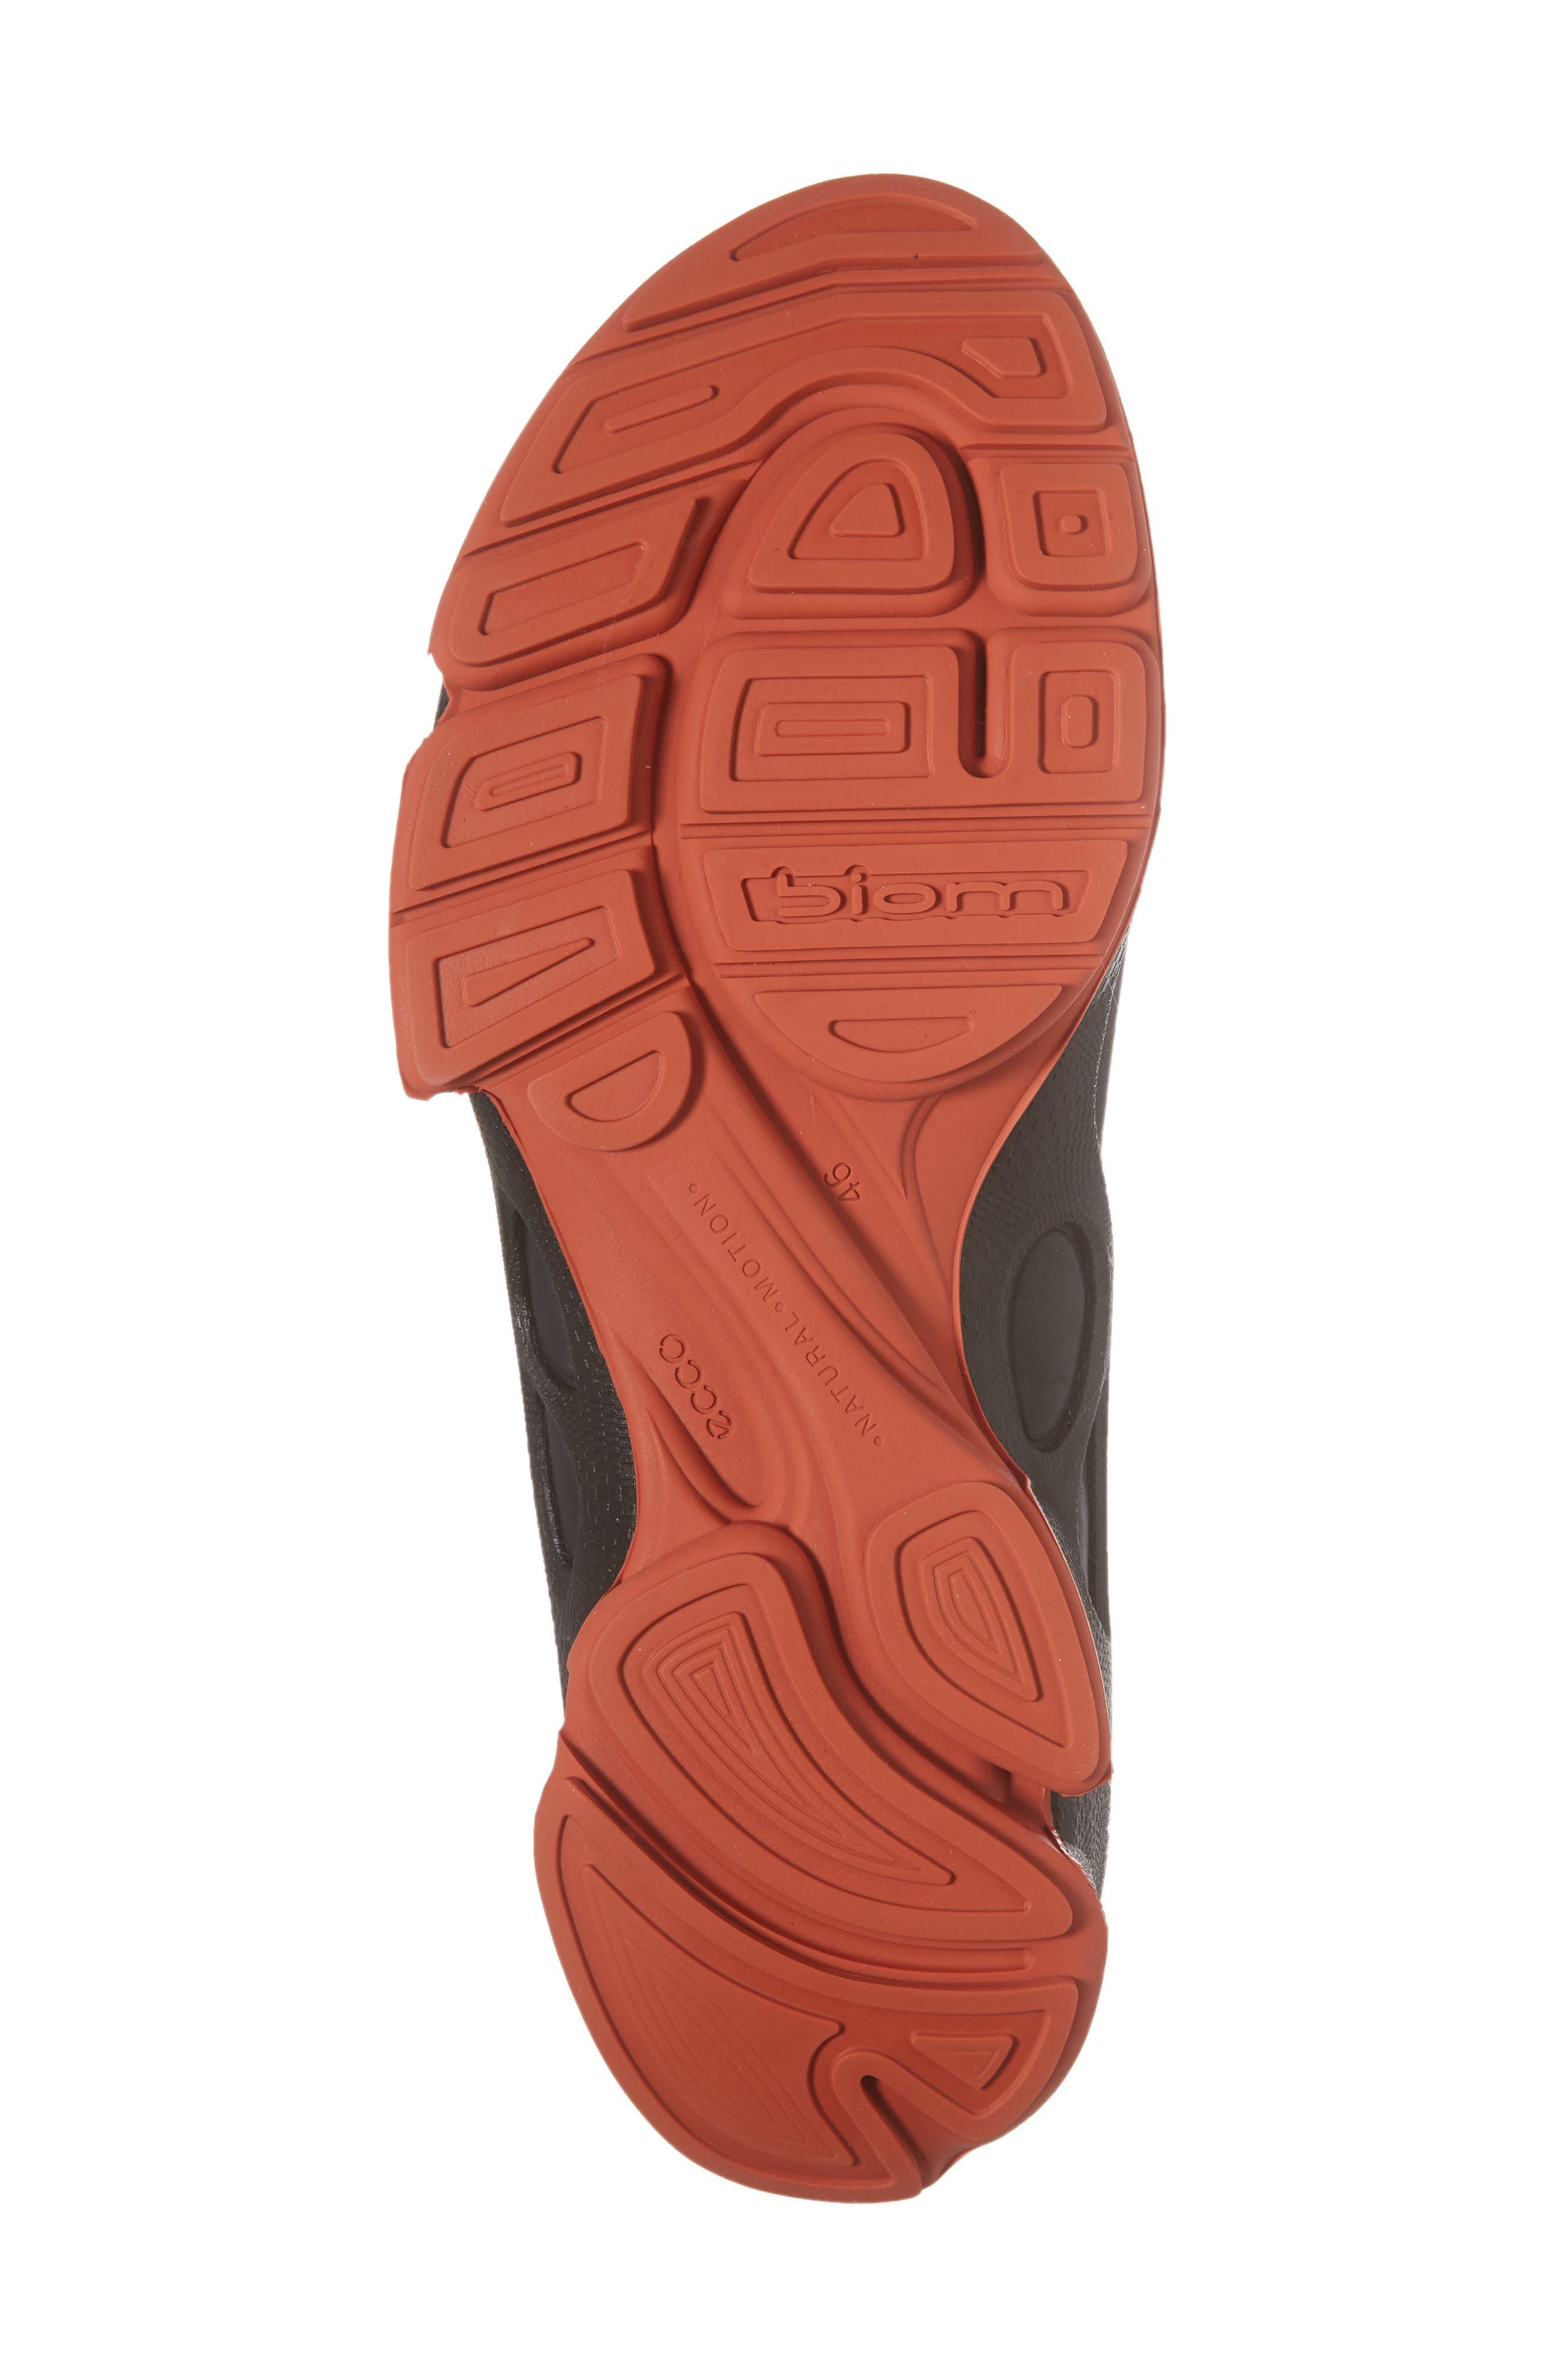 BIOM C Low Top Sneaker,                             Alternate thumbnail 6, color,                             003